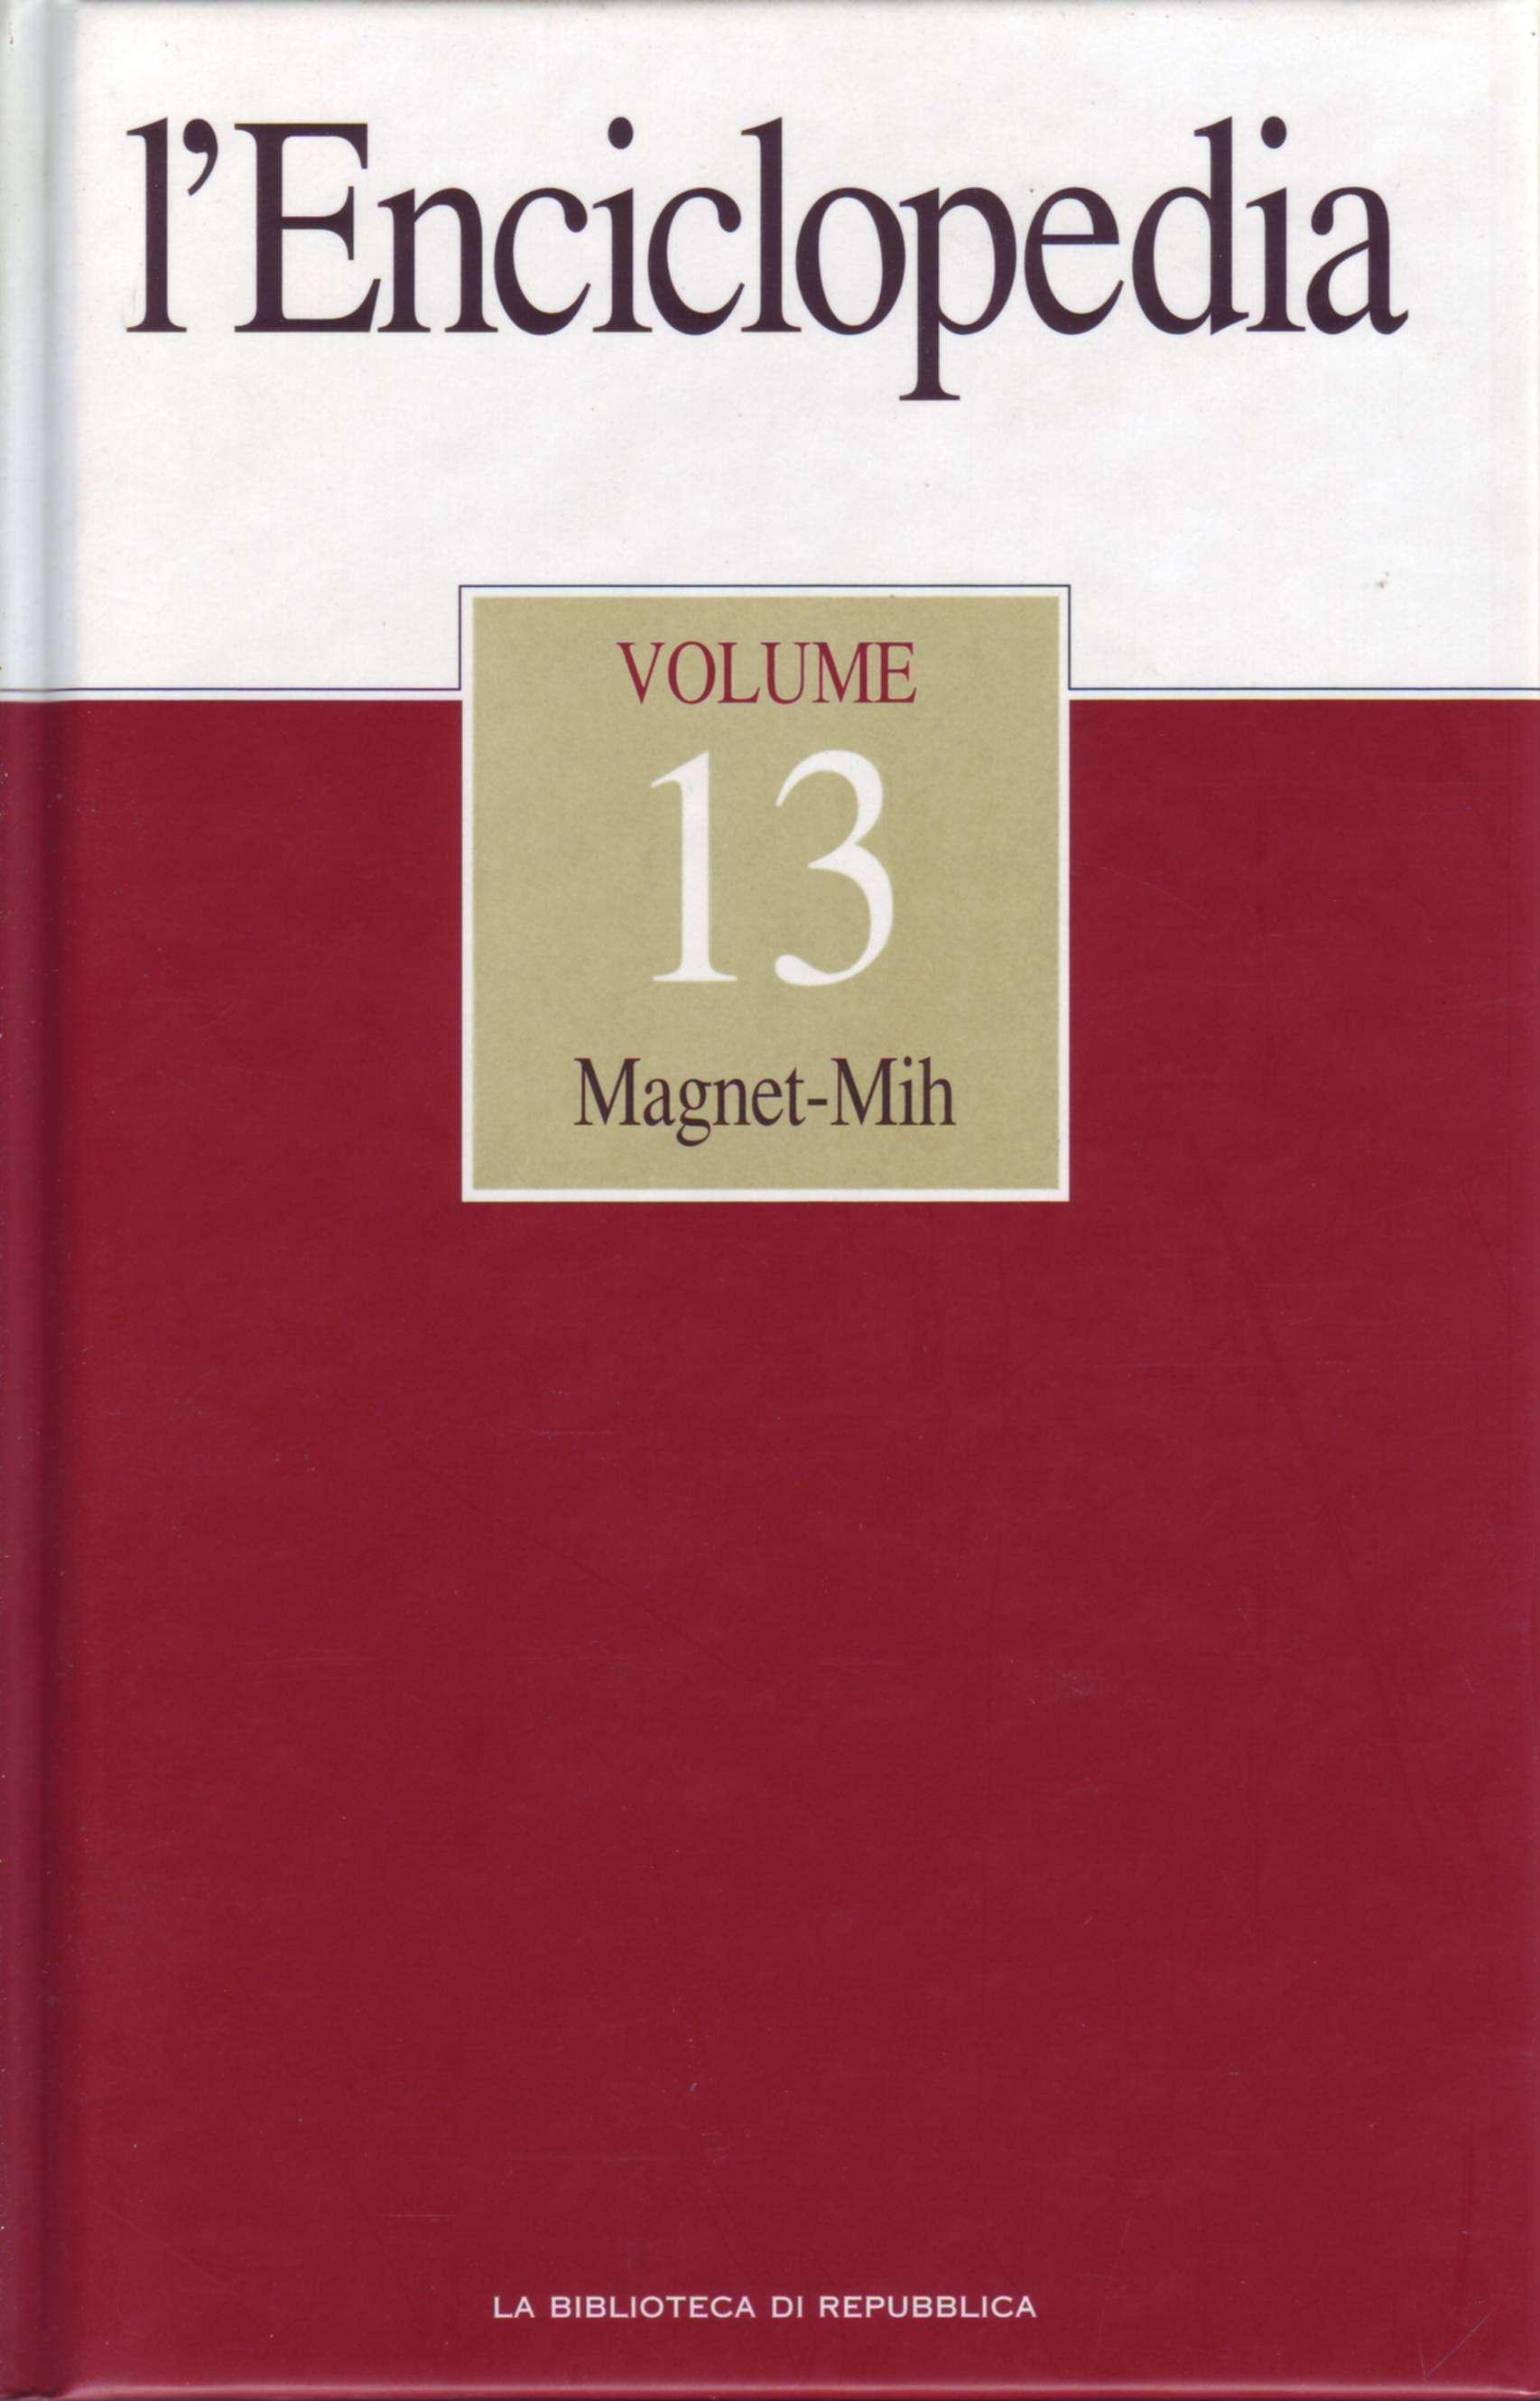 L'Enciclopedia - Vol. 13